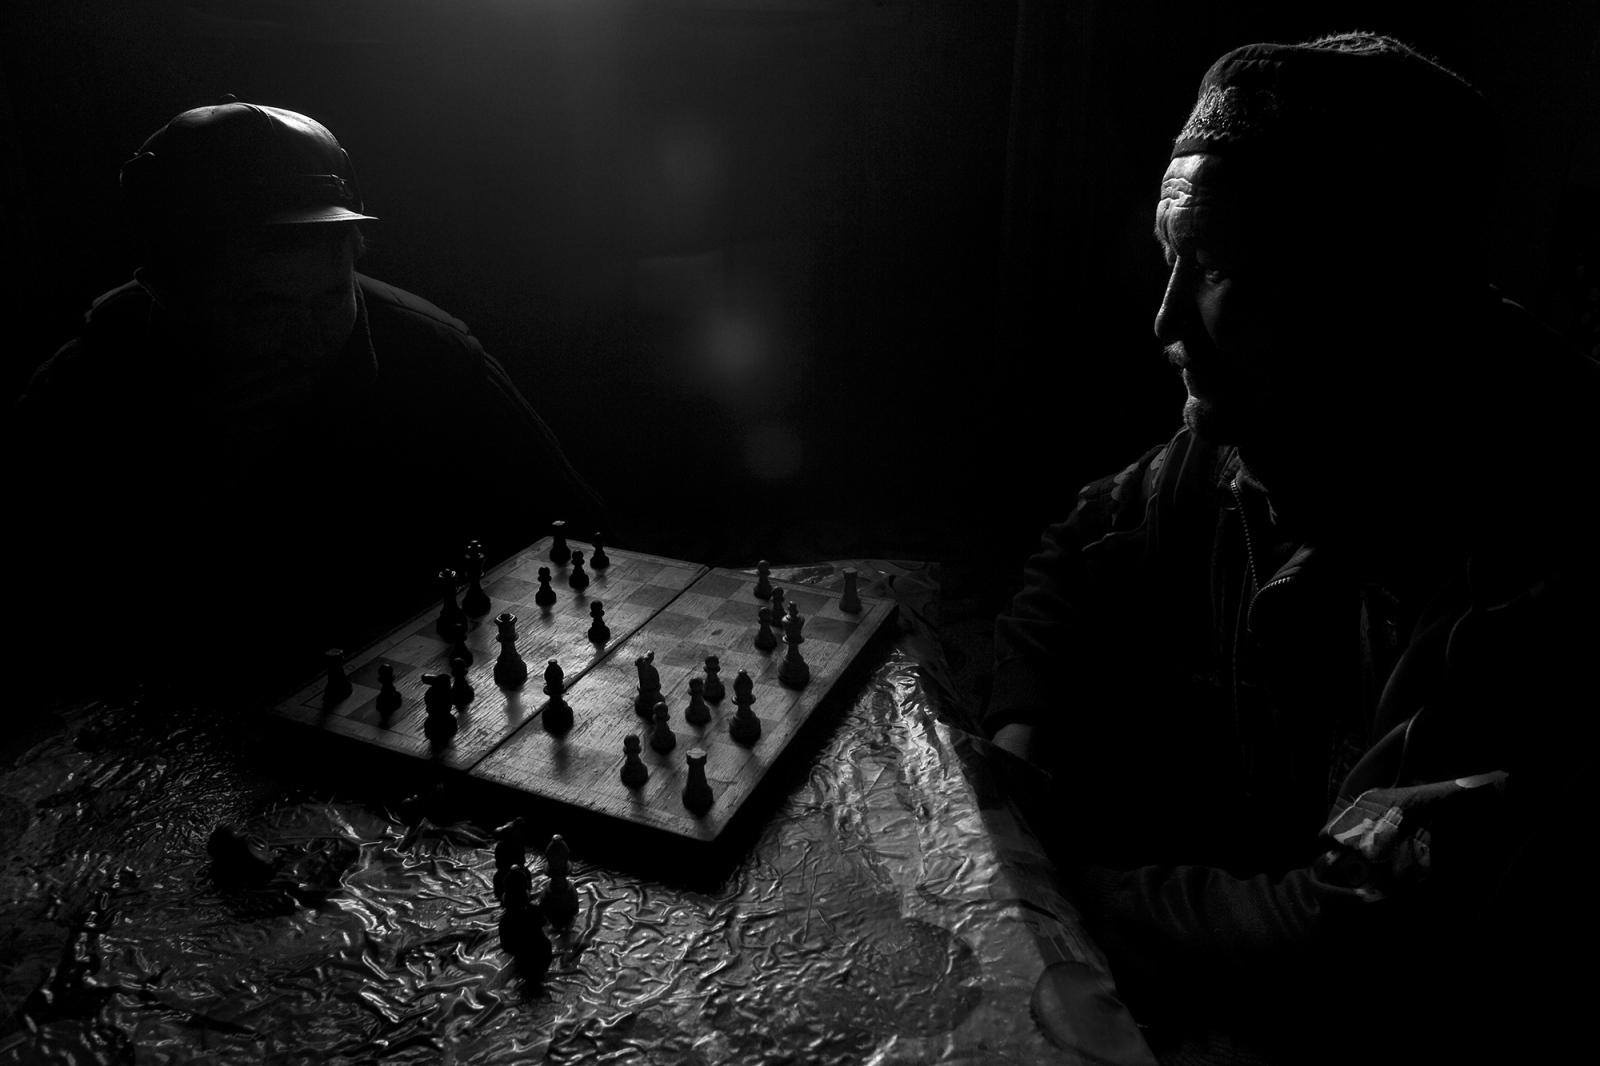 Mongolia. Kazakh nomads playing chess.